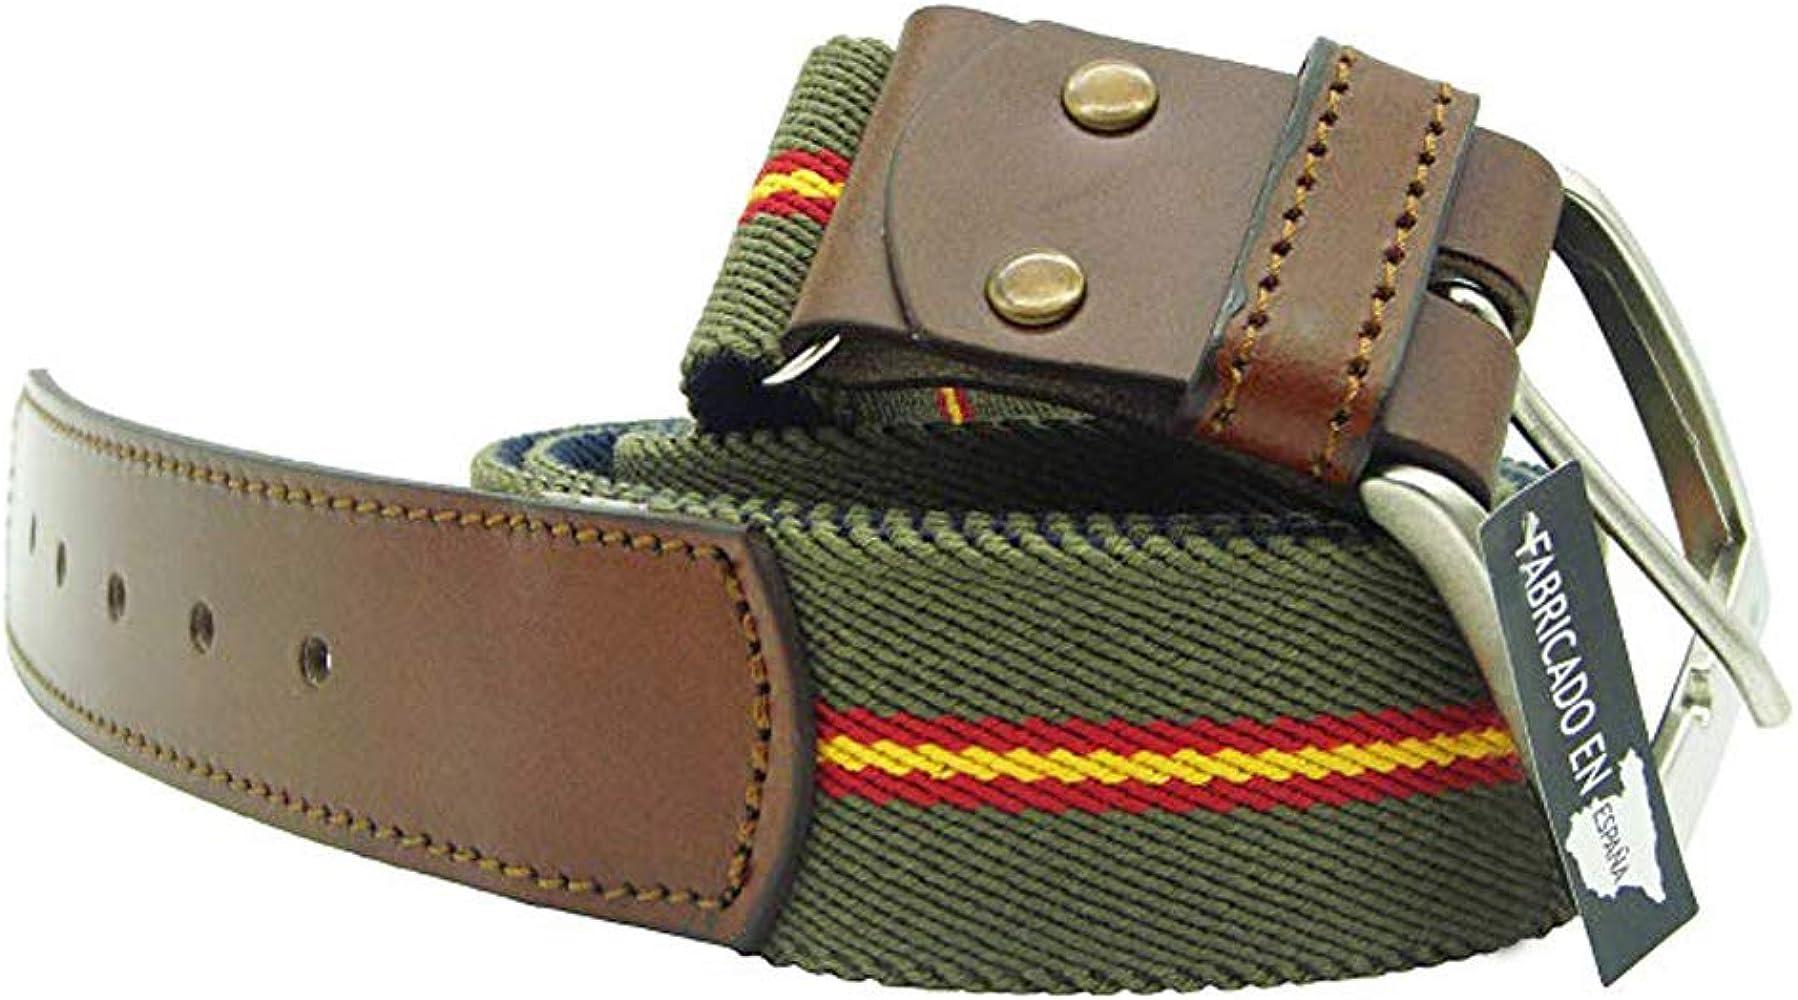 LGP – Cinturón Bandera de España de Lona elástica color Verde y ...